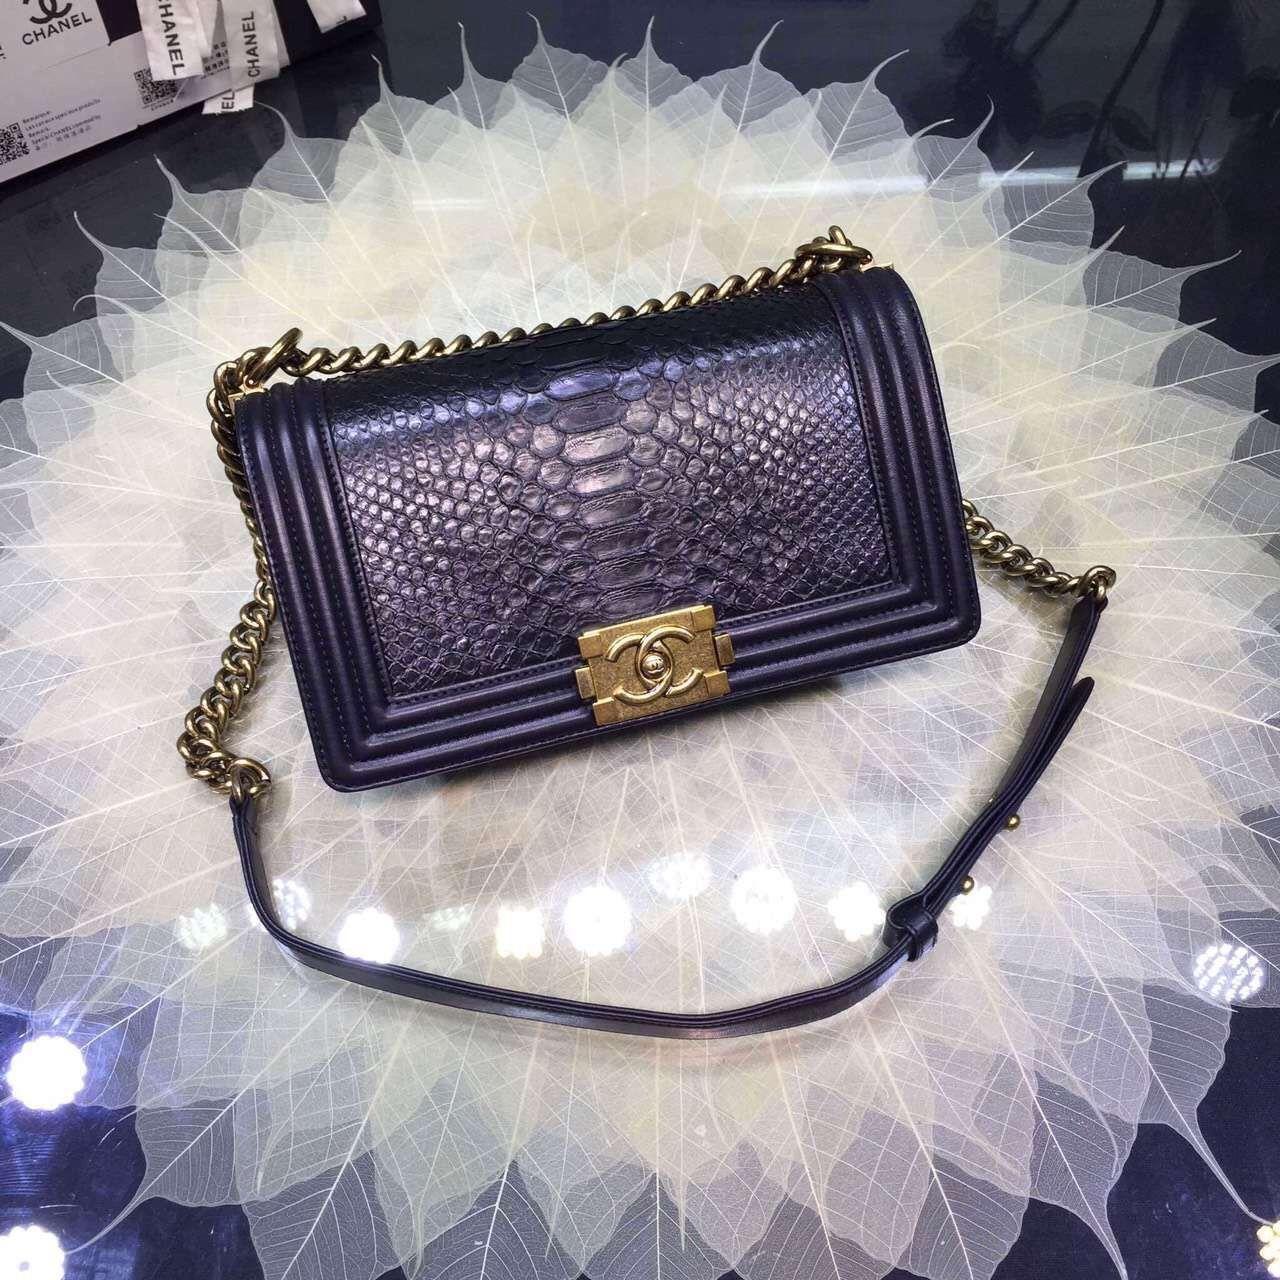 Fashion style Chanel Replica boy chevron flap bag for woman